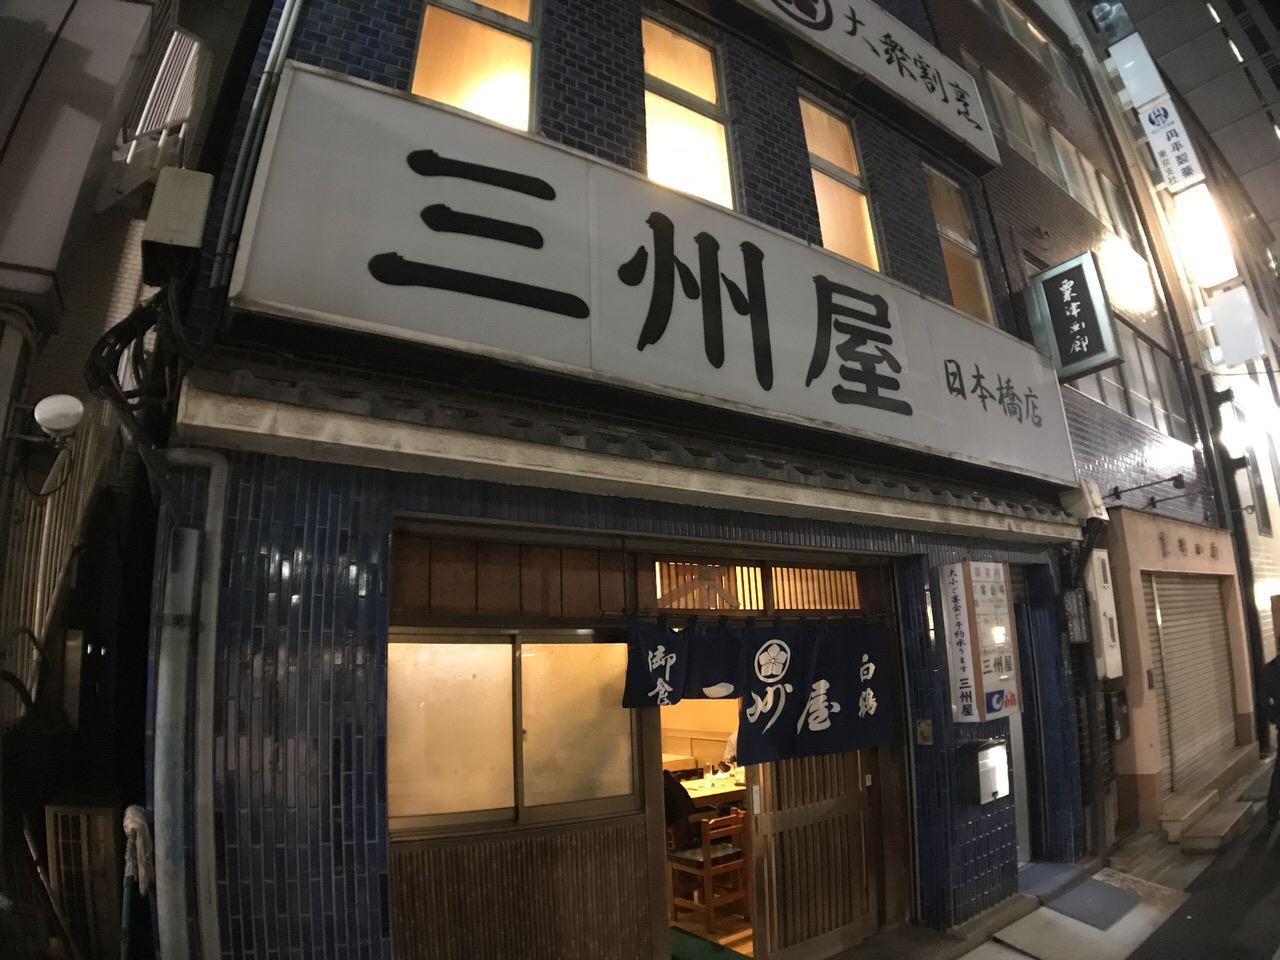 「三州屋 日本橋店」老舗の大衆酒場でテューハイ